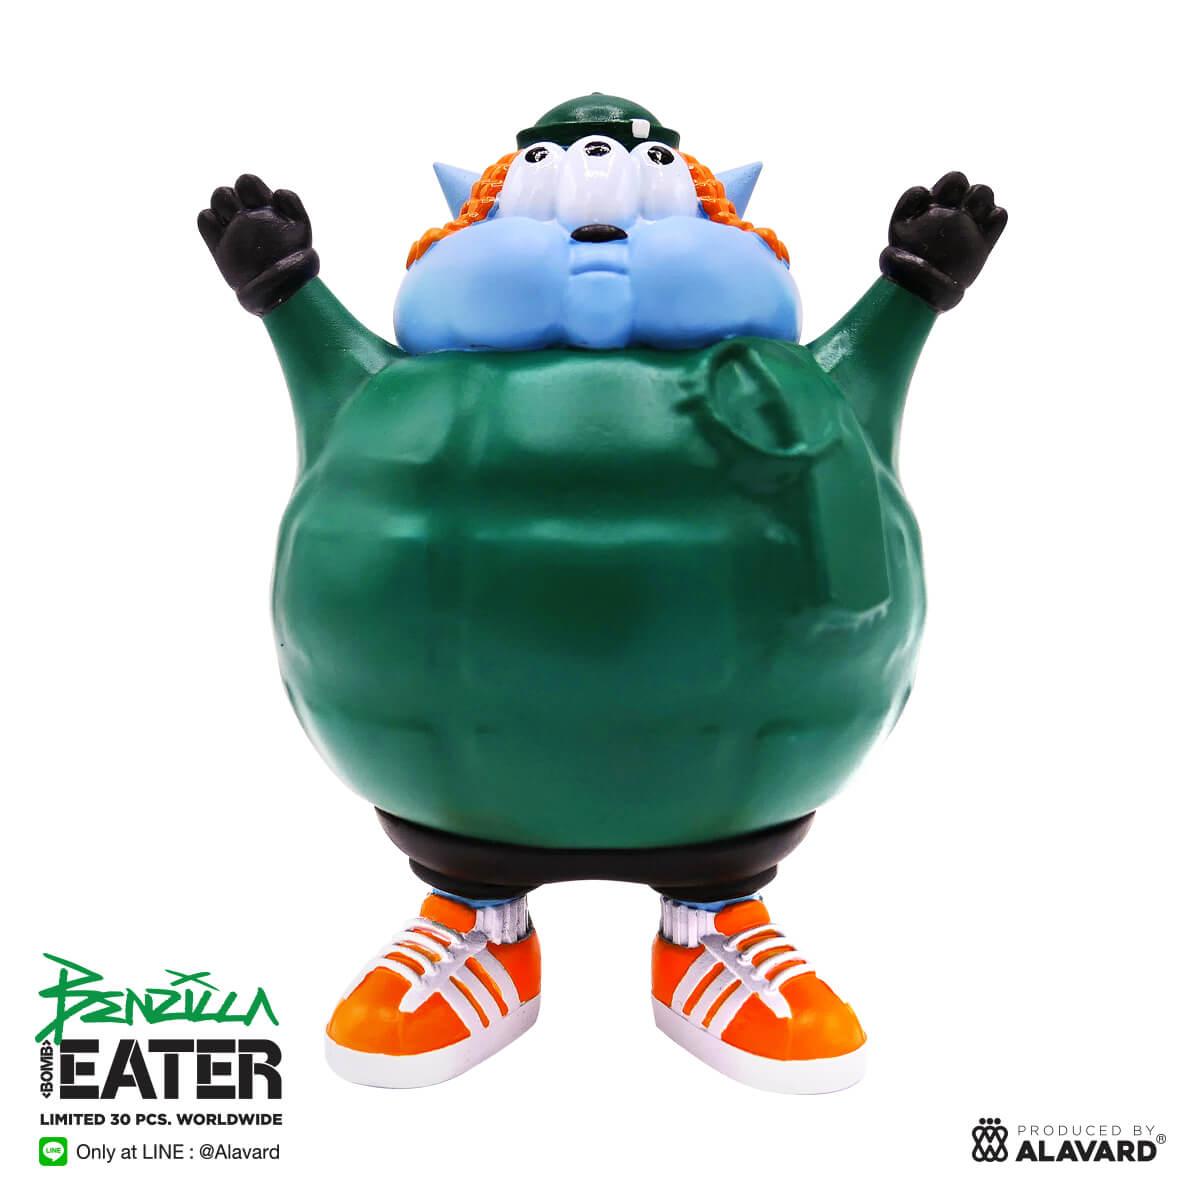 the-bomb-eater-benzilla